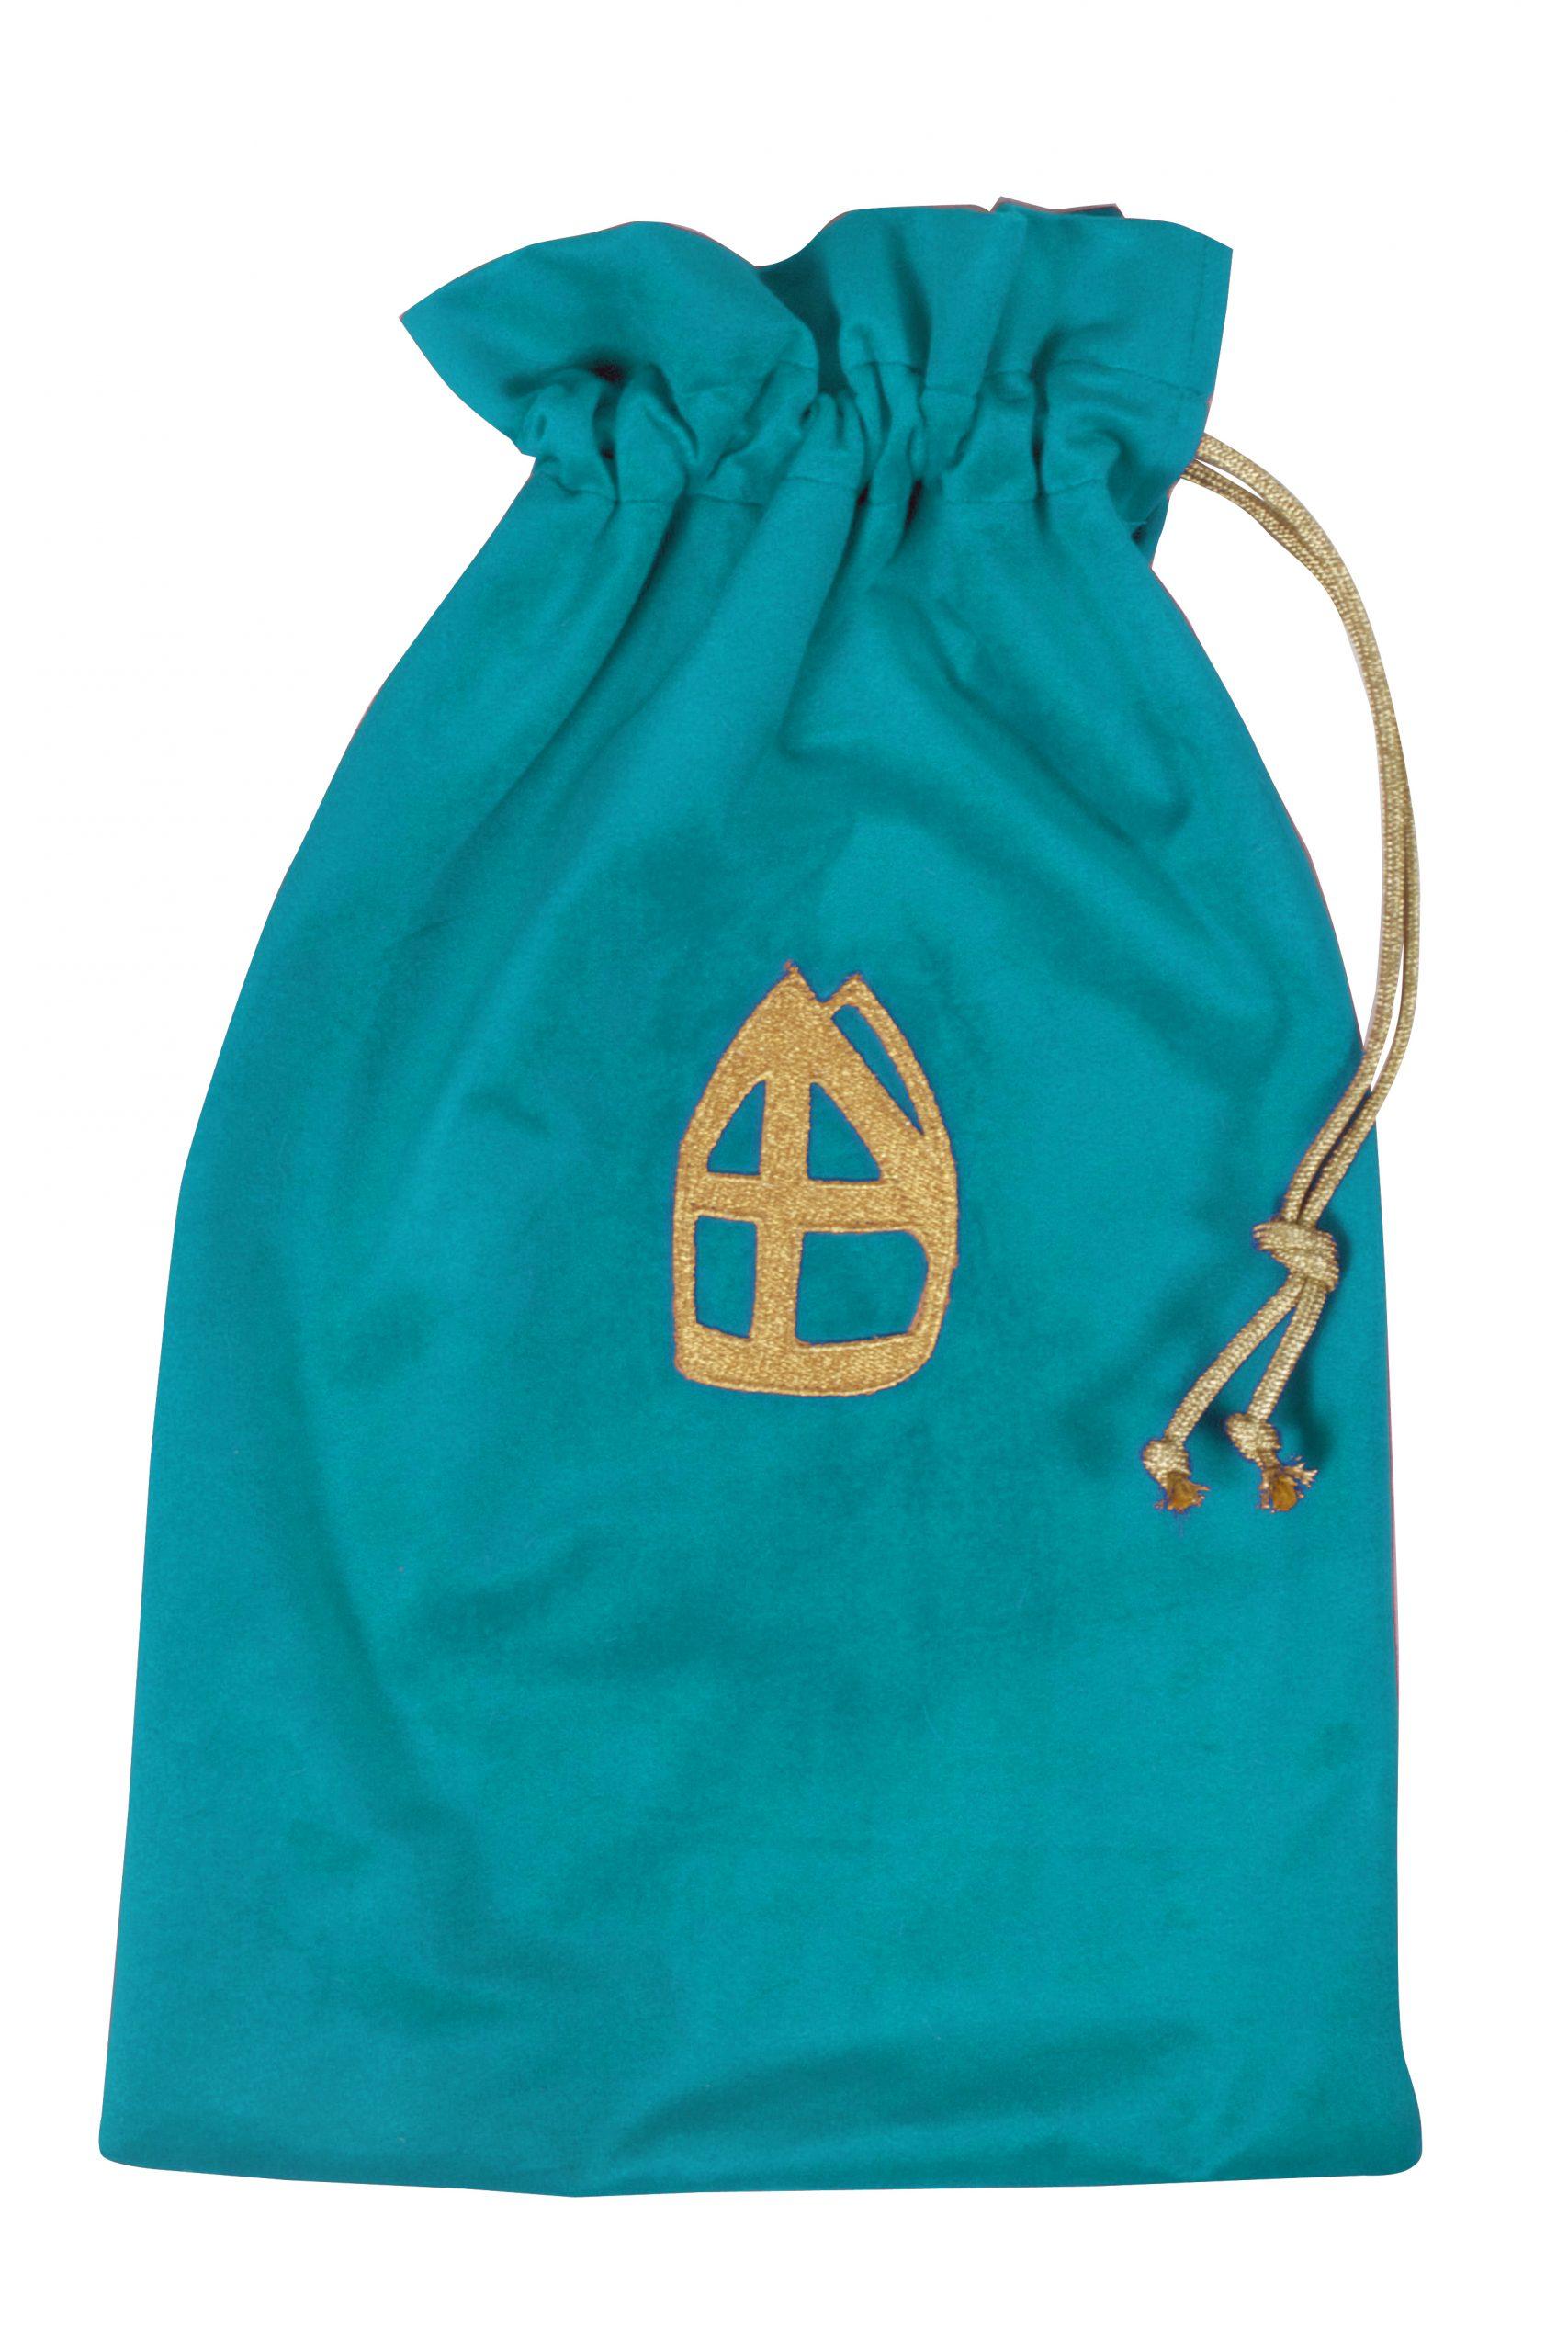 Strooizak Fluweel met Mijter Turquoise